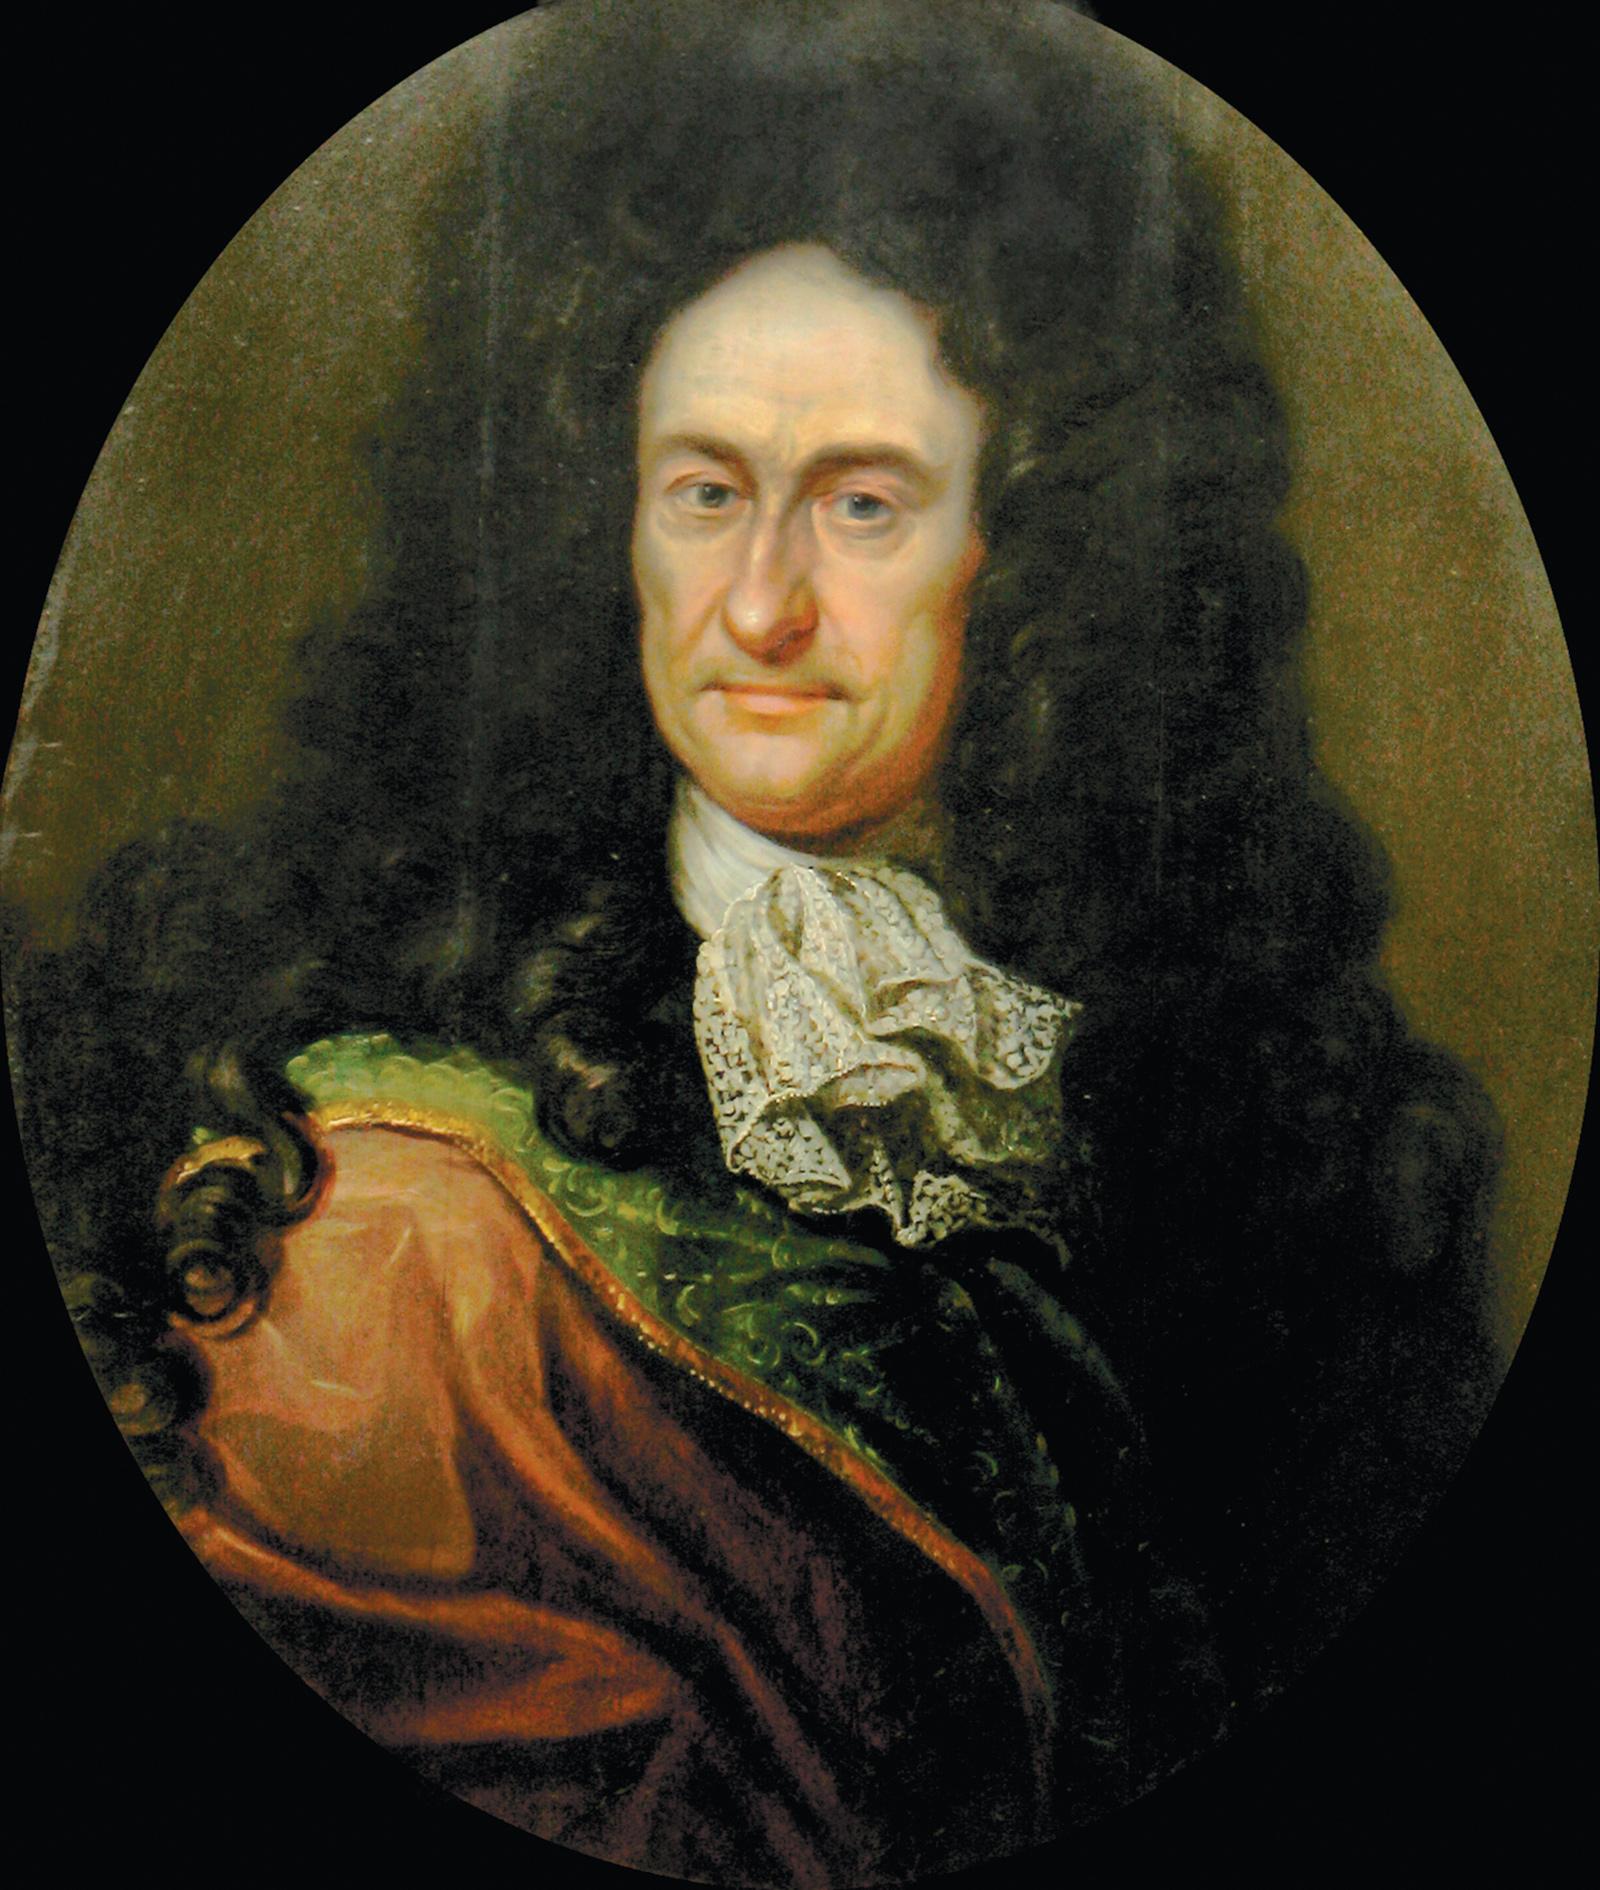 Gottfried Wilhelm Leibniz, circa 1700